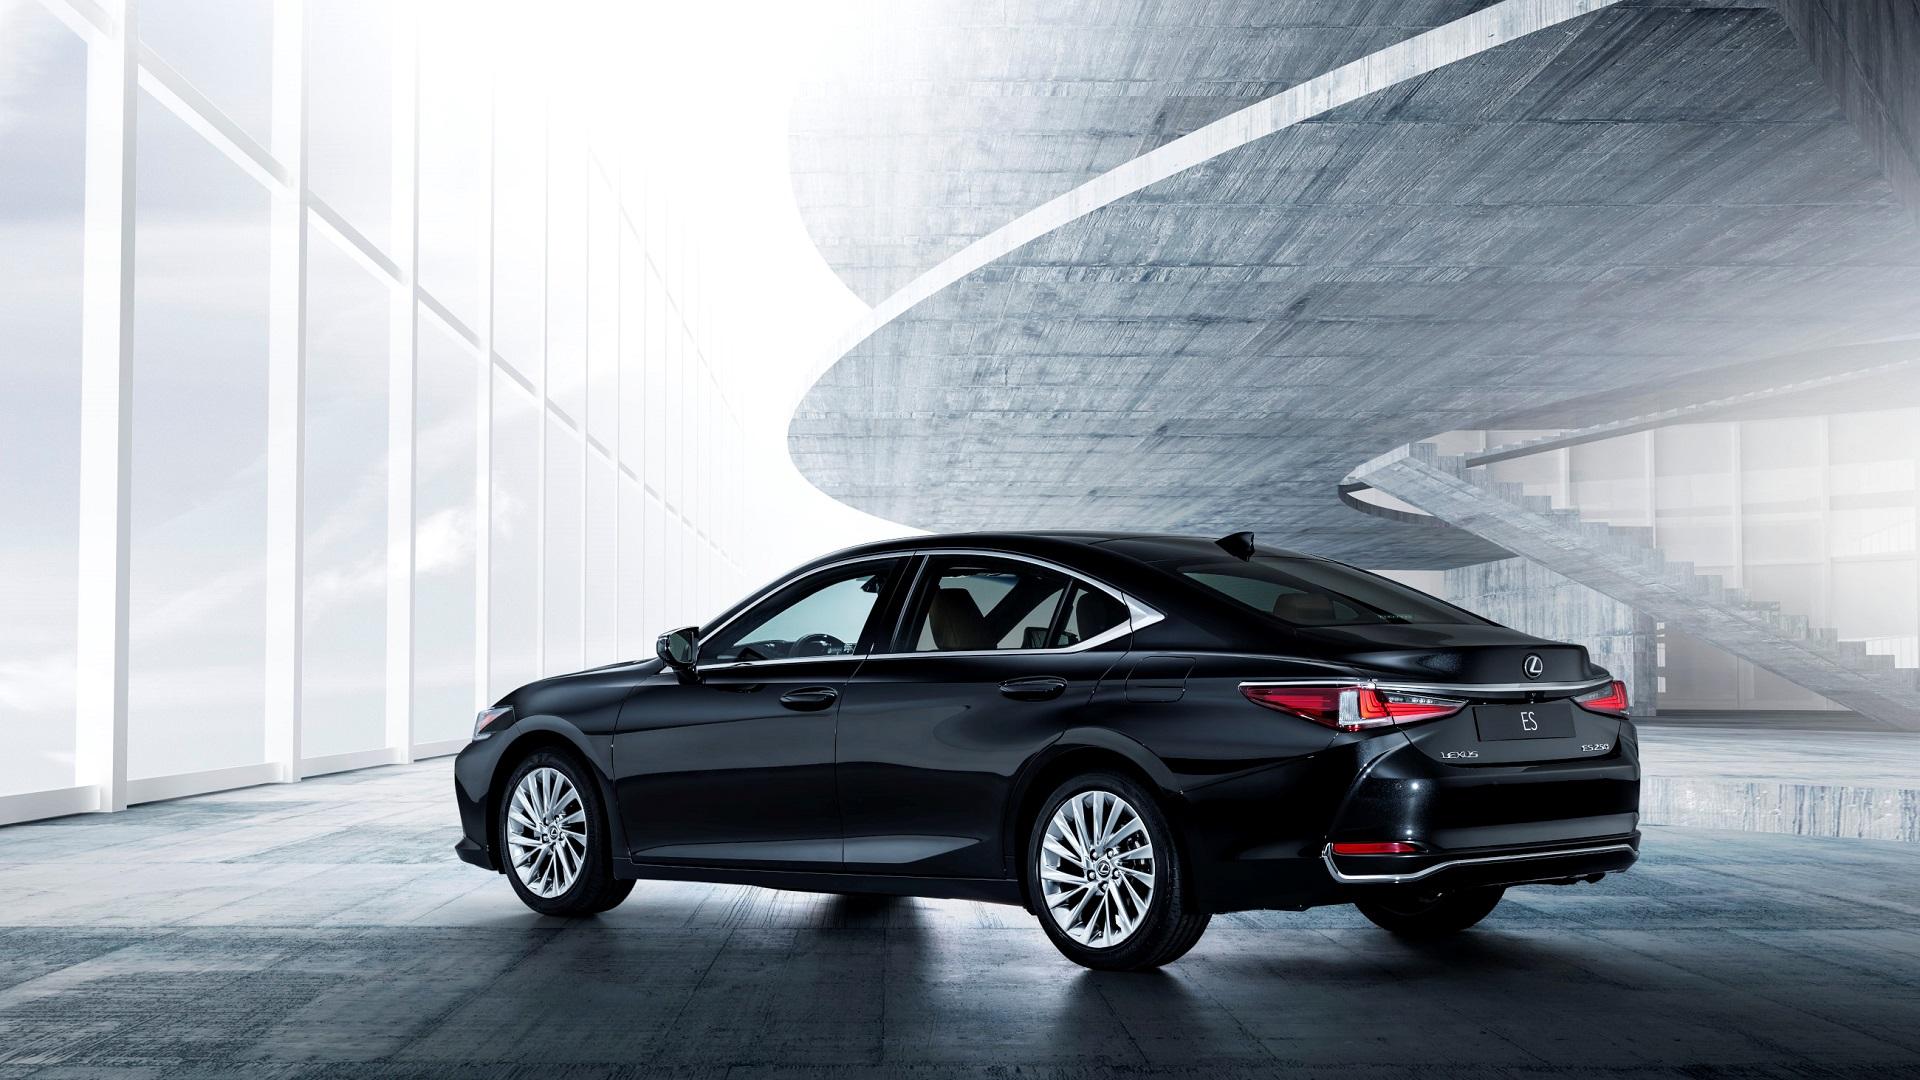 Lexus ES 300h Video Image